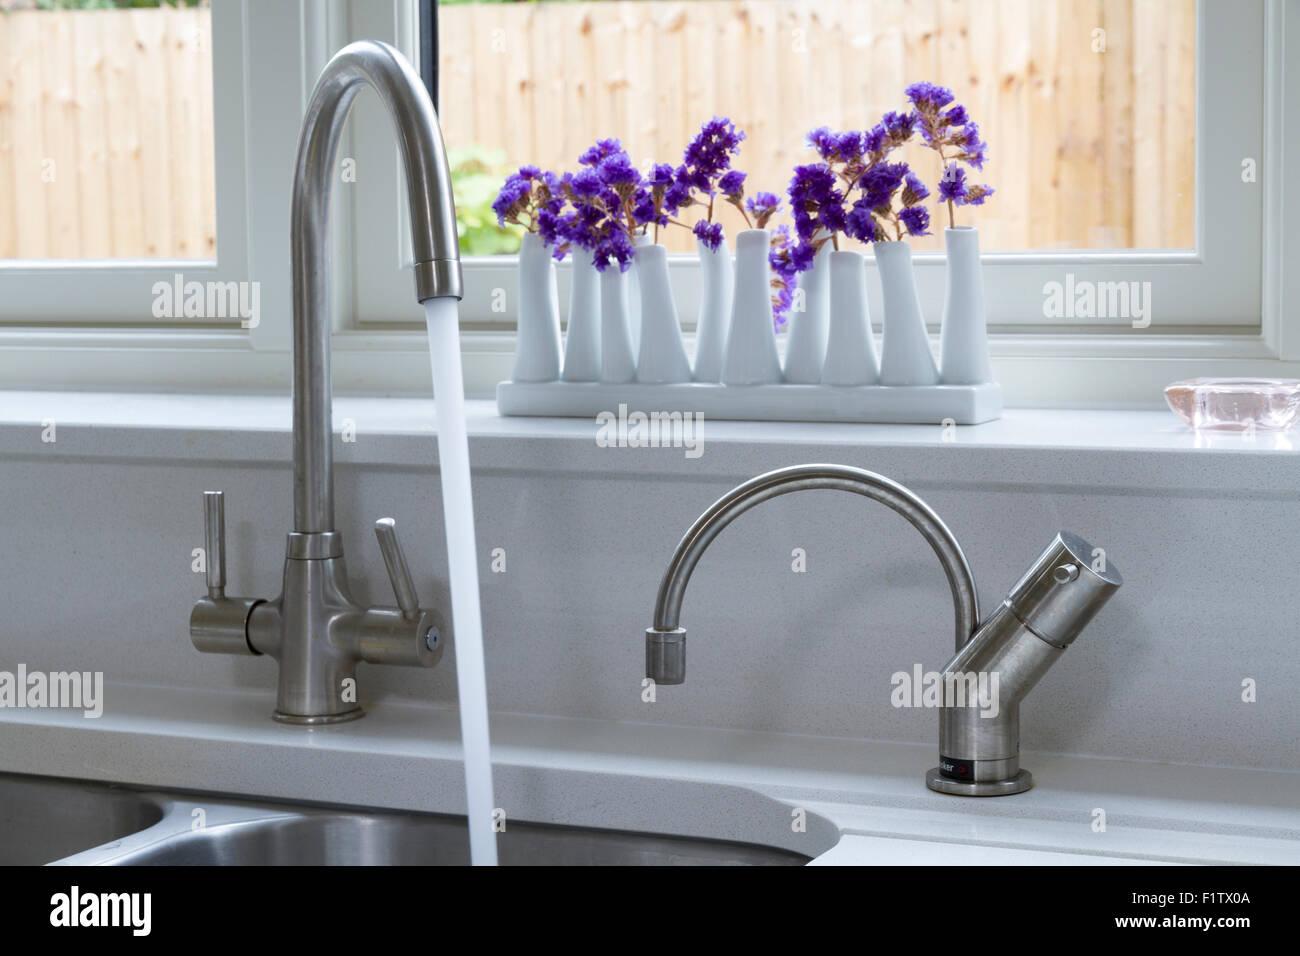 Moderne Kuche Tippen Wasserhahn Mixer Mit Wasser Laufen Stockfoto